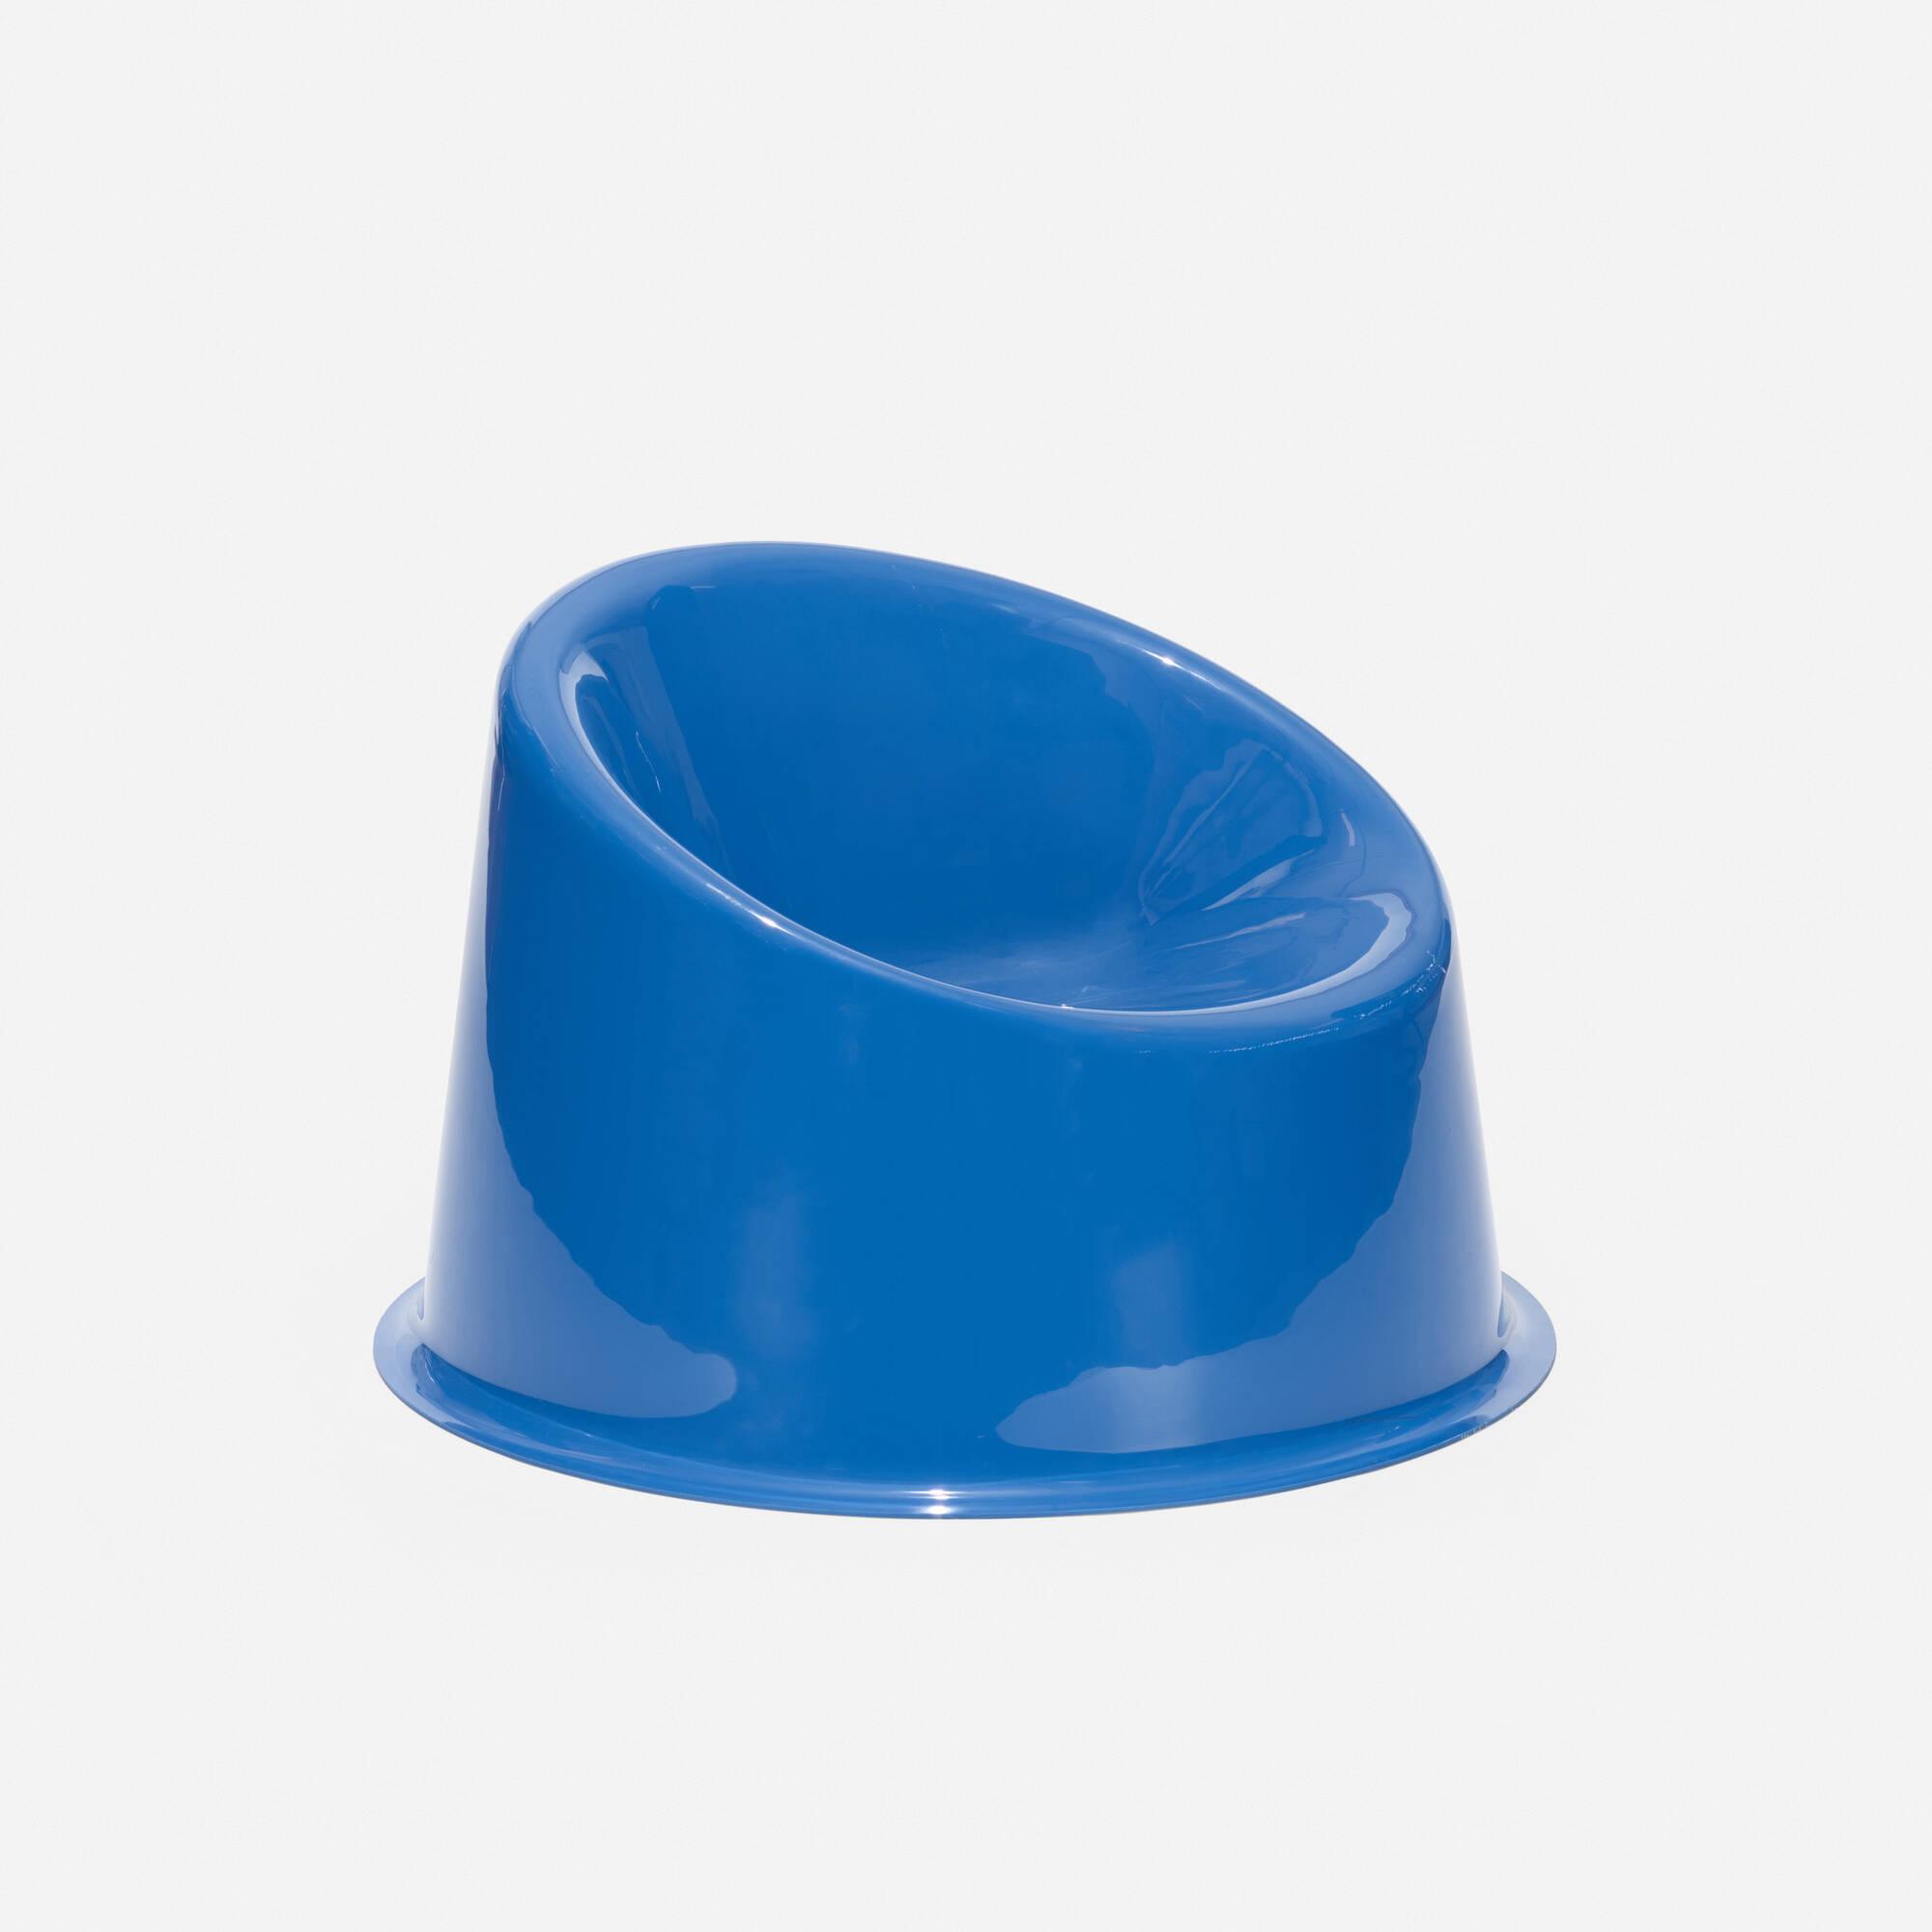 173: Verner Panton / Blue Panto Pop chair (2 of 3)